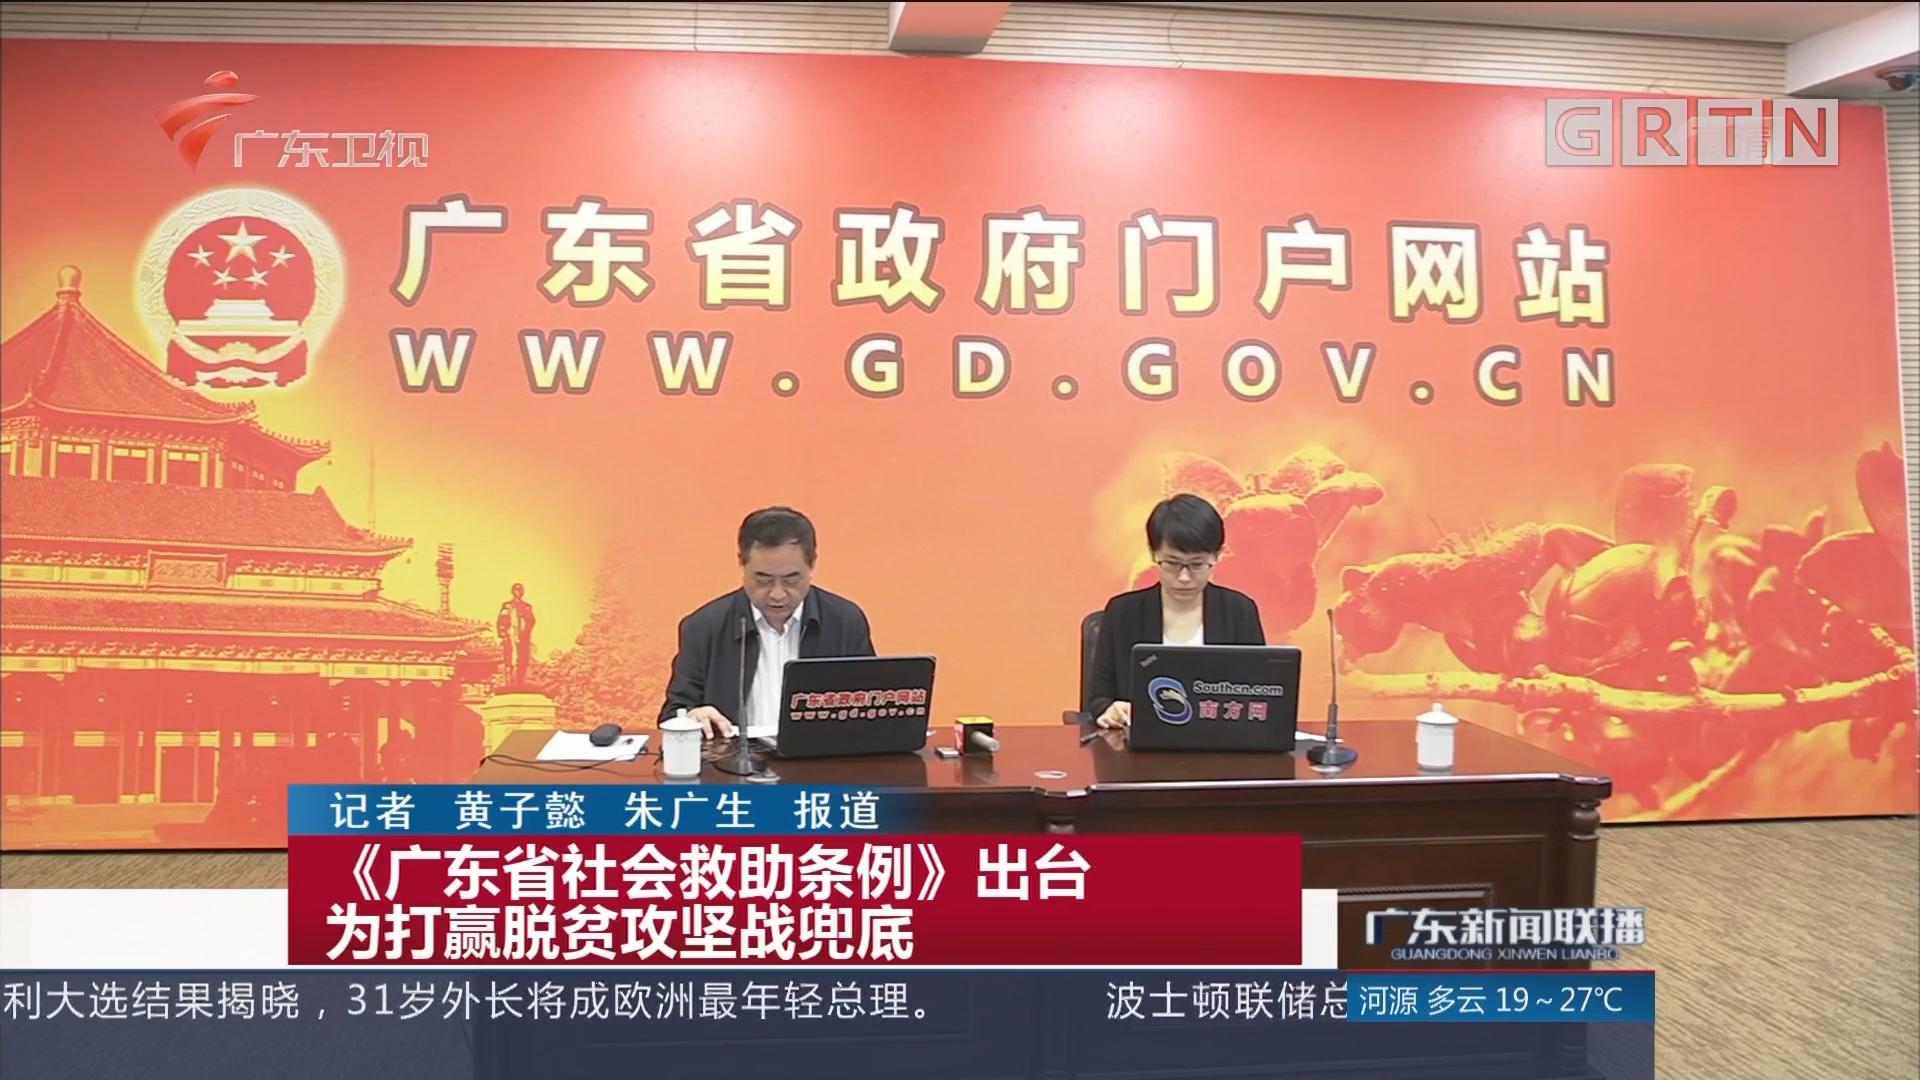 《广东省社会救助条例》出台 为打赢脱贫攻坚战兜底